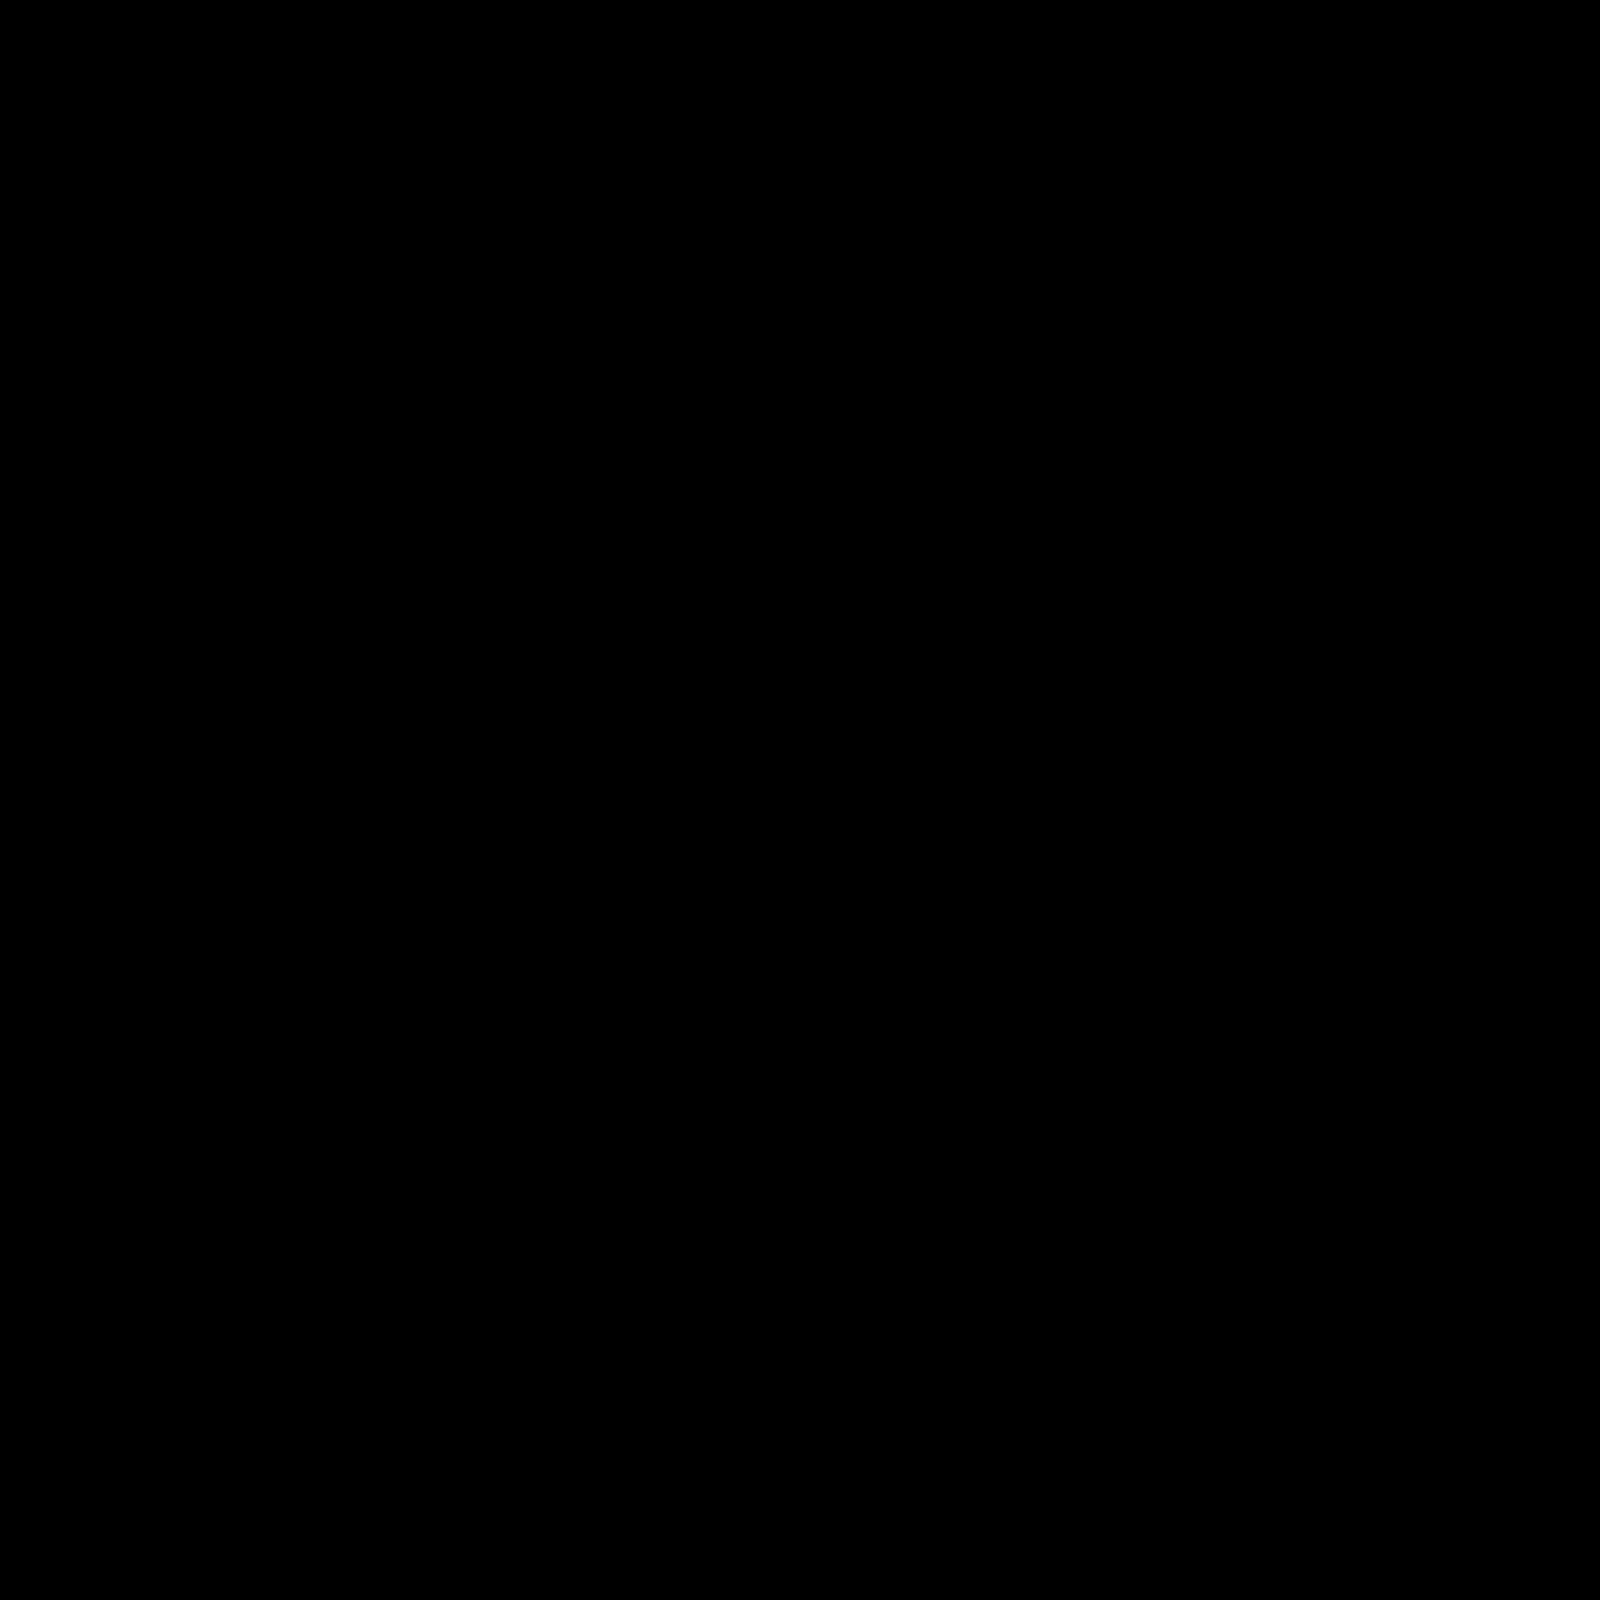 W lewo w kwadracie icon